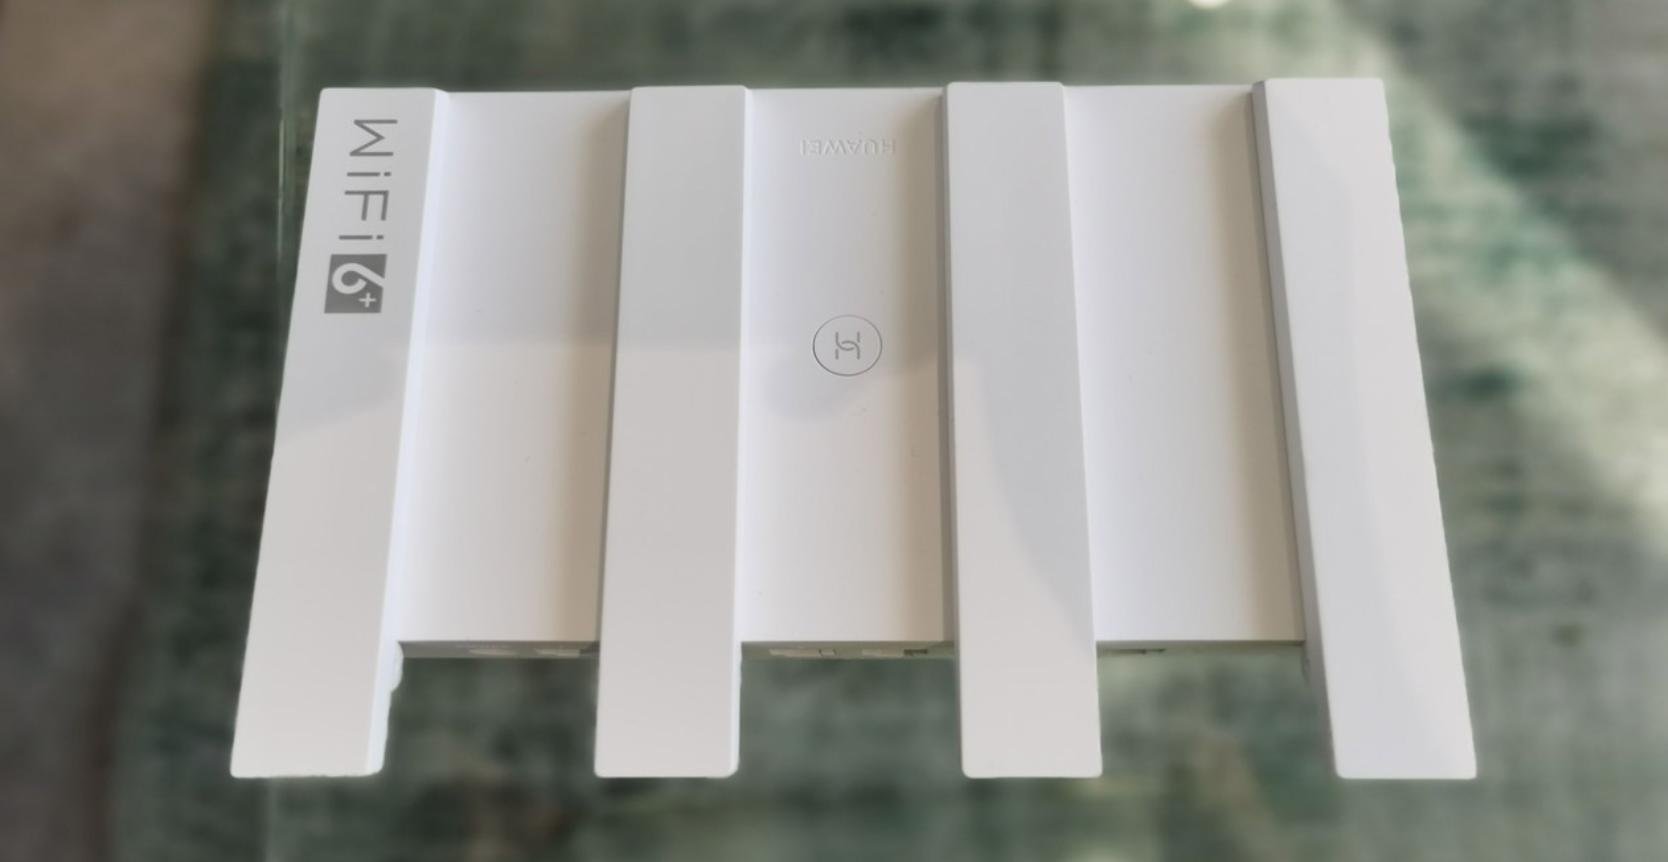 Smerovač Huawei AX3